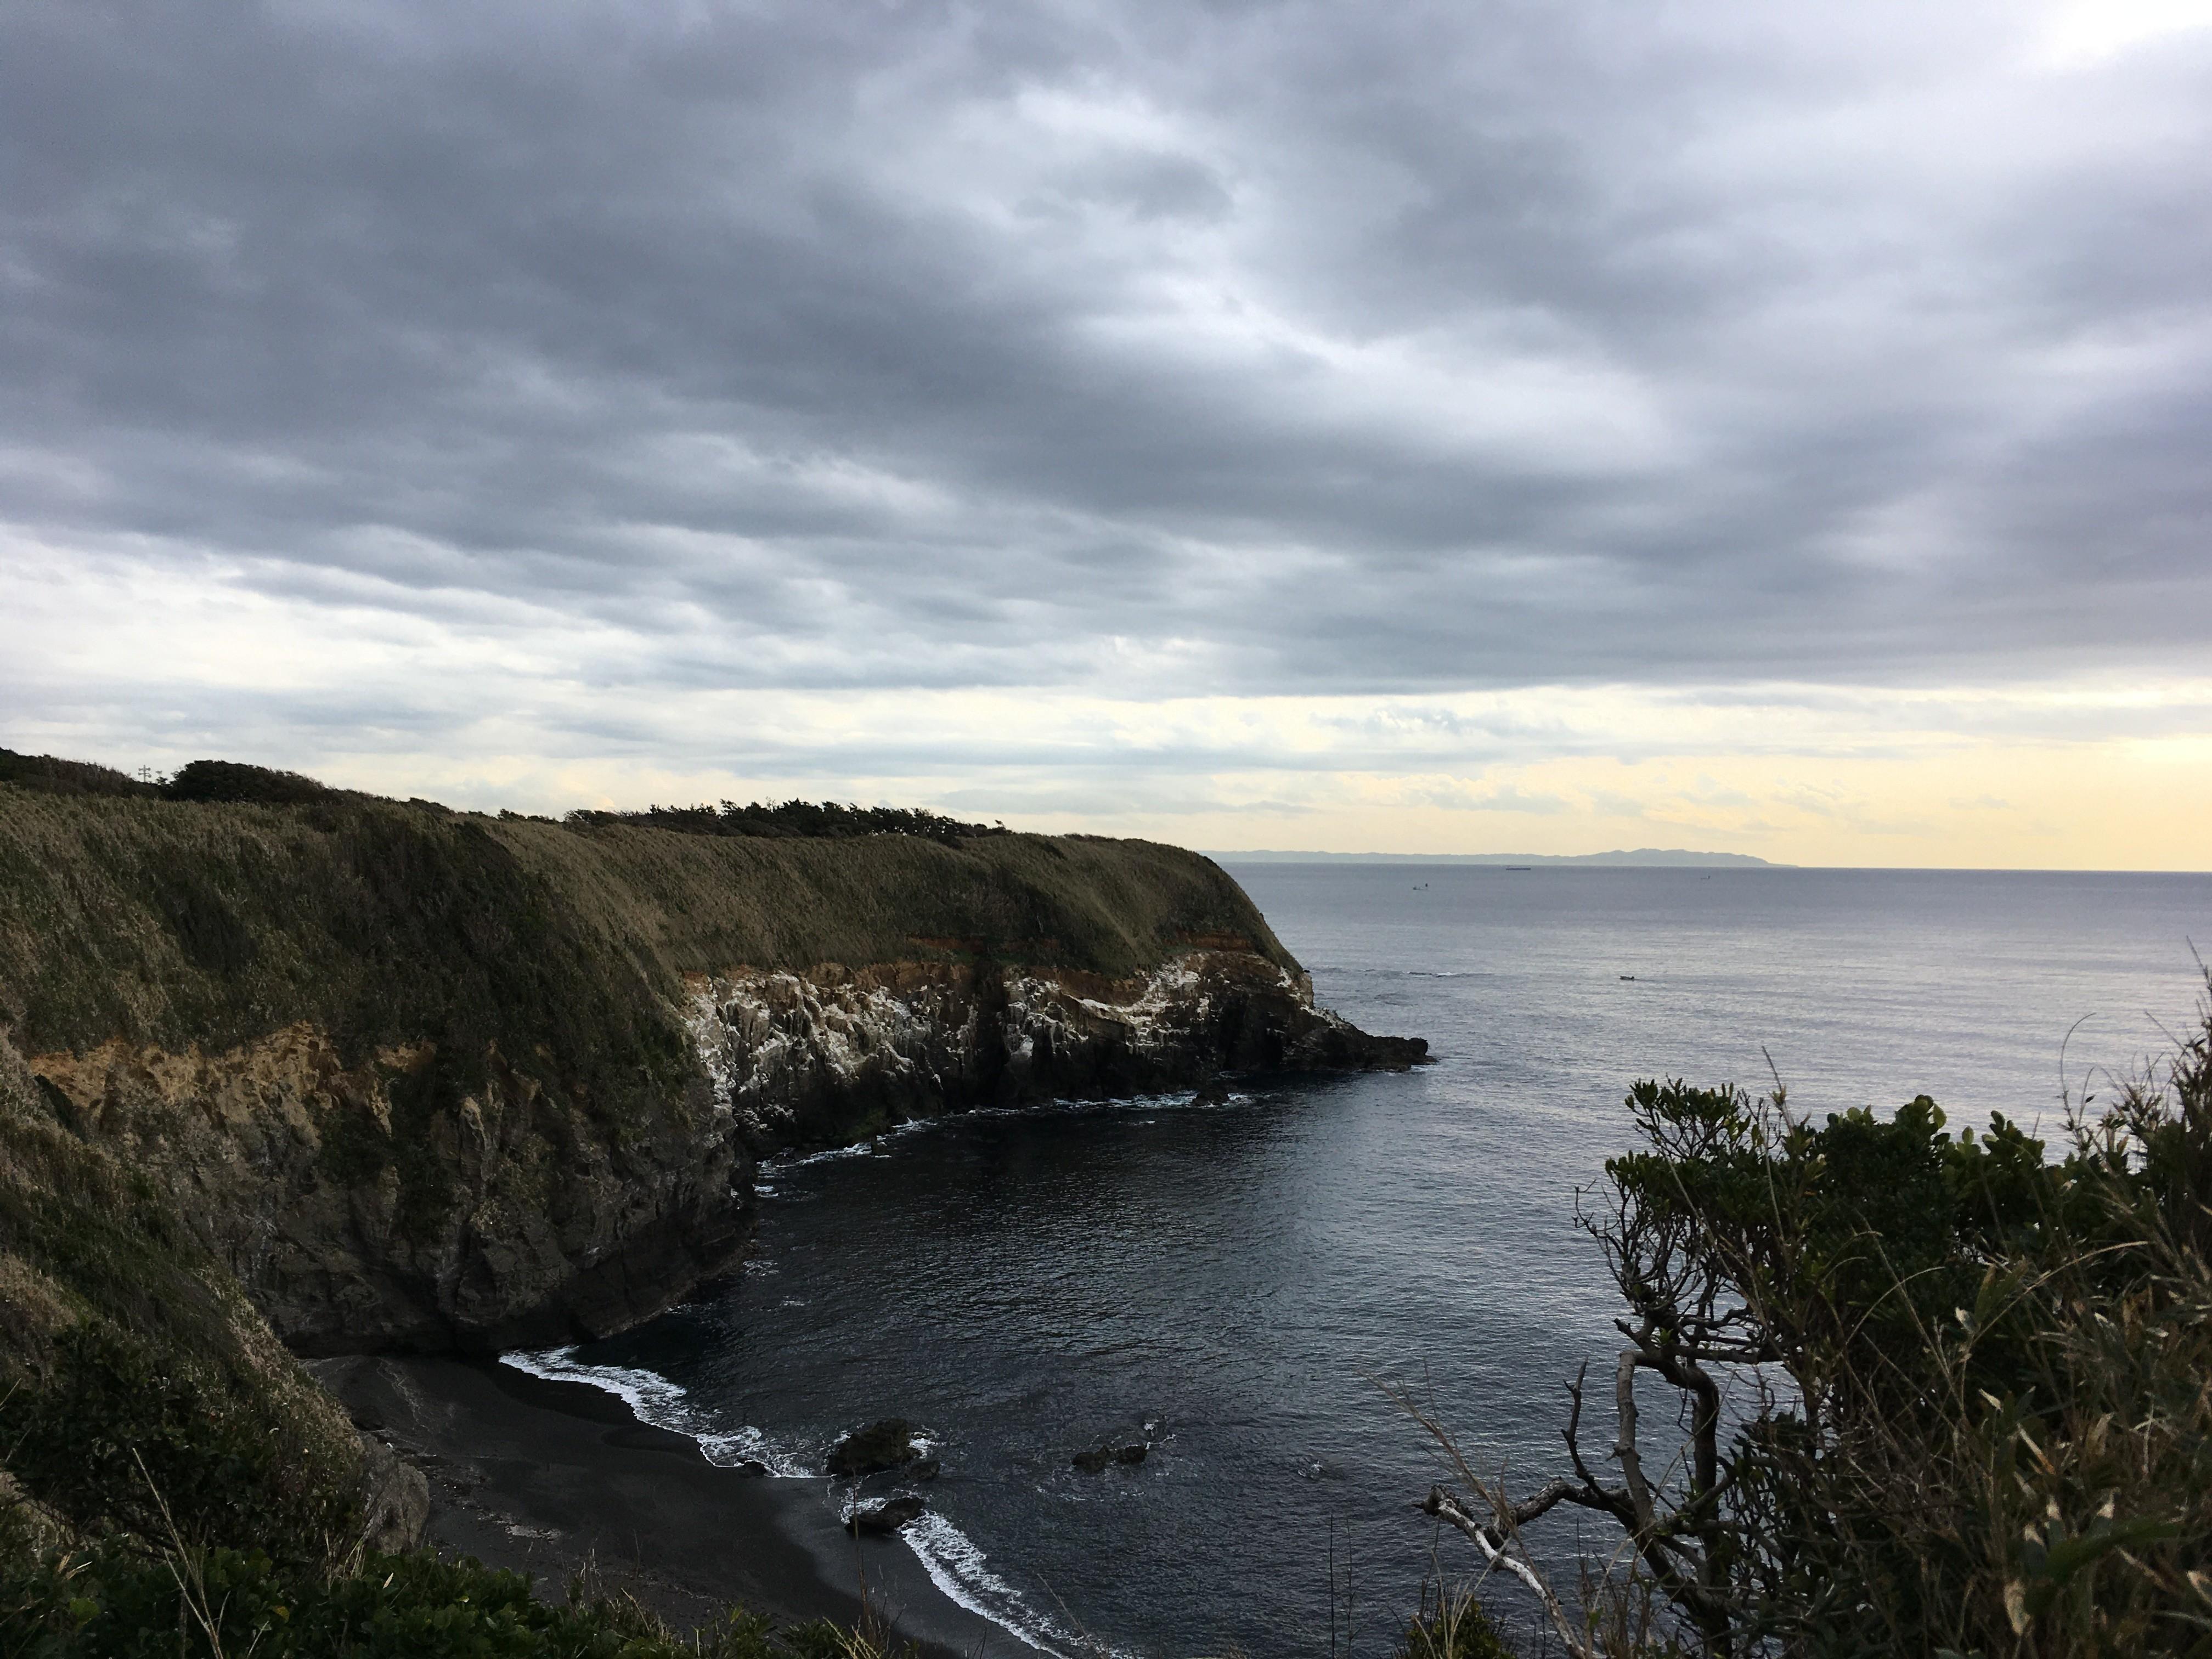 城ヶ島ハイキングコースウミウ展望台から安房崎灯台方面を眺める